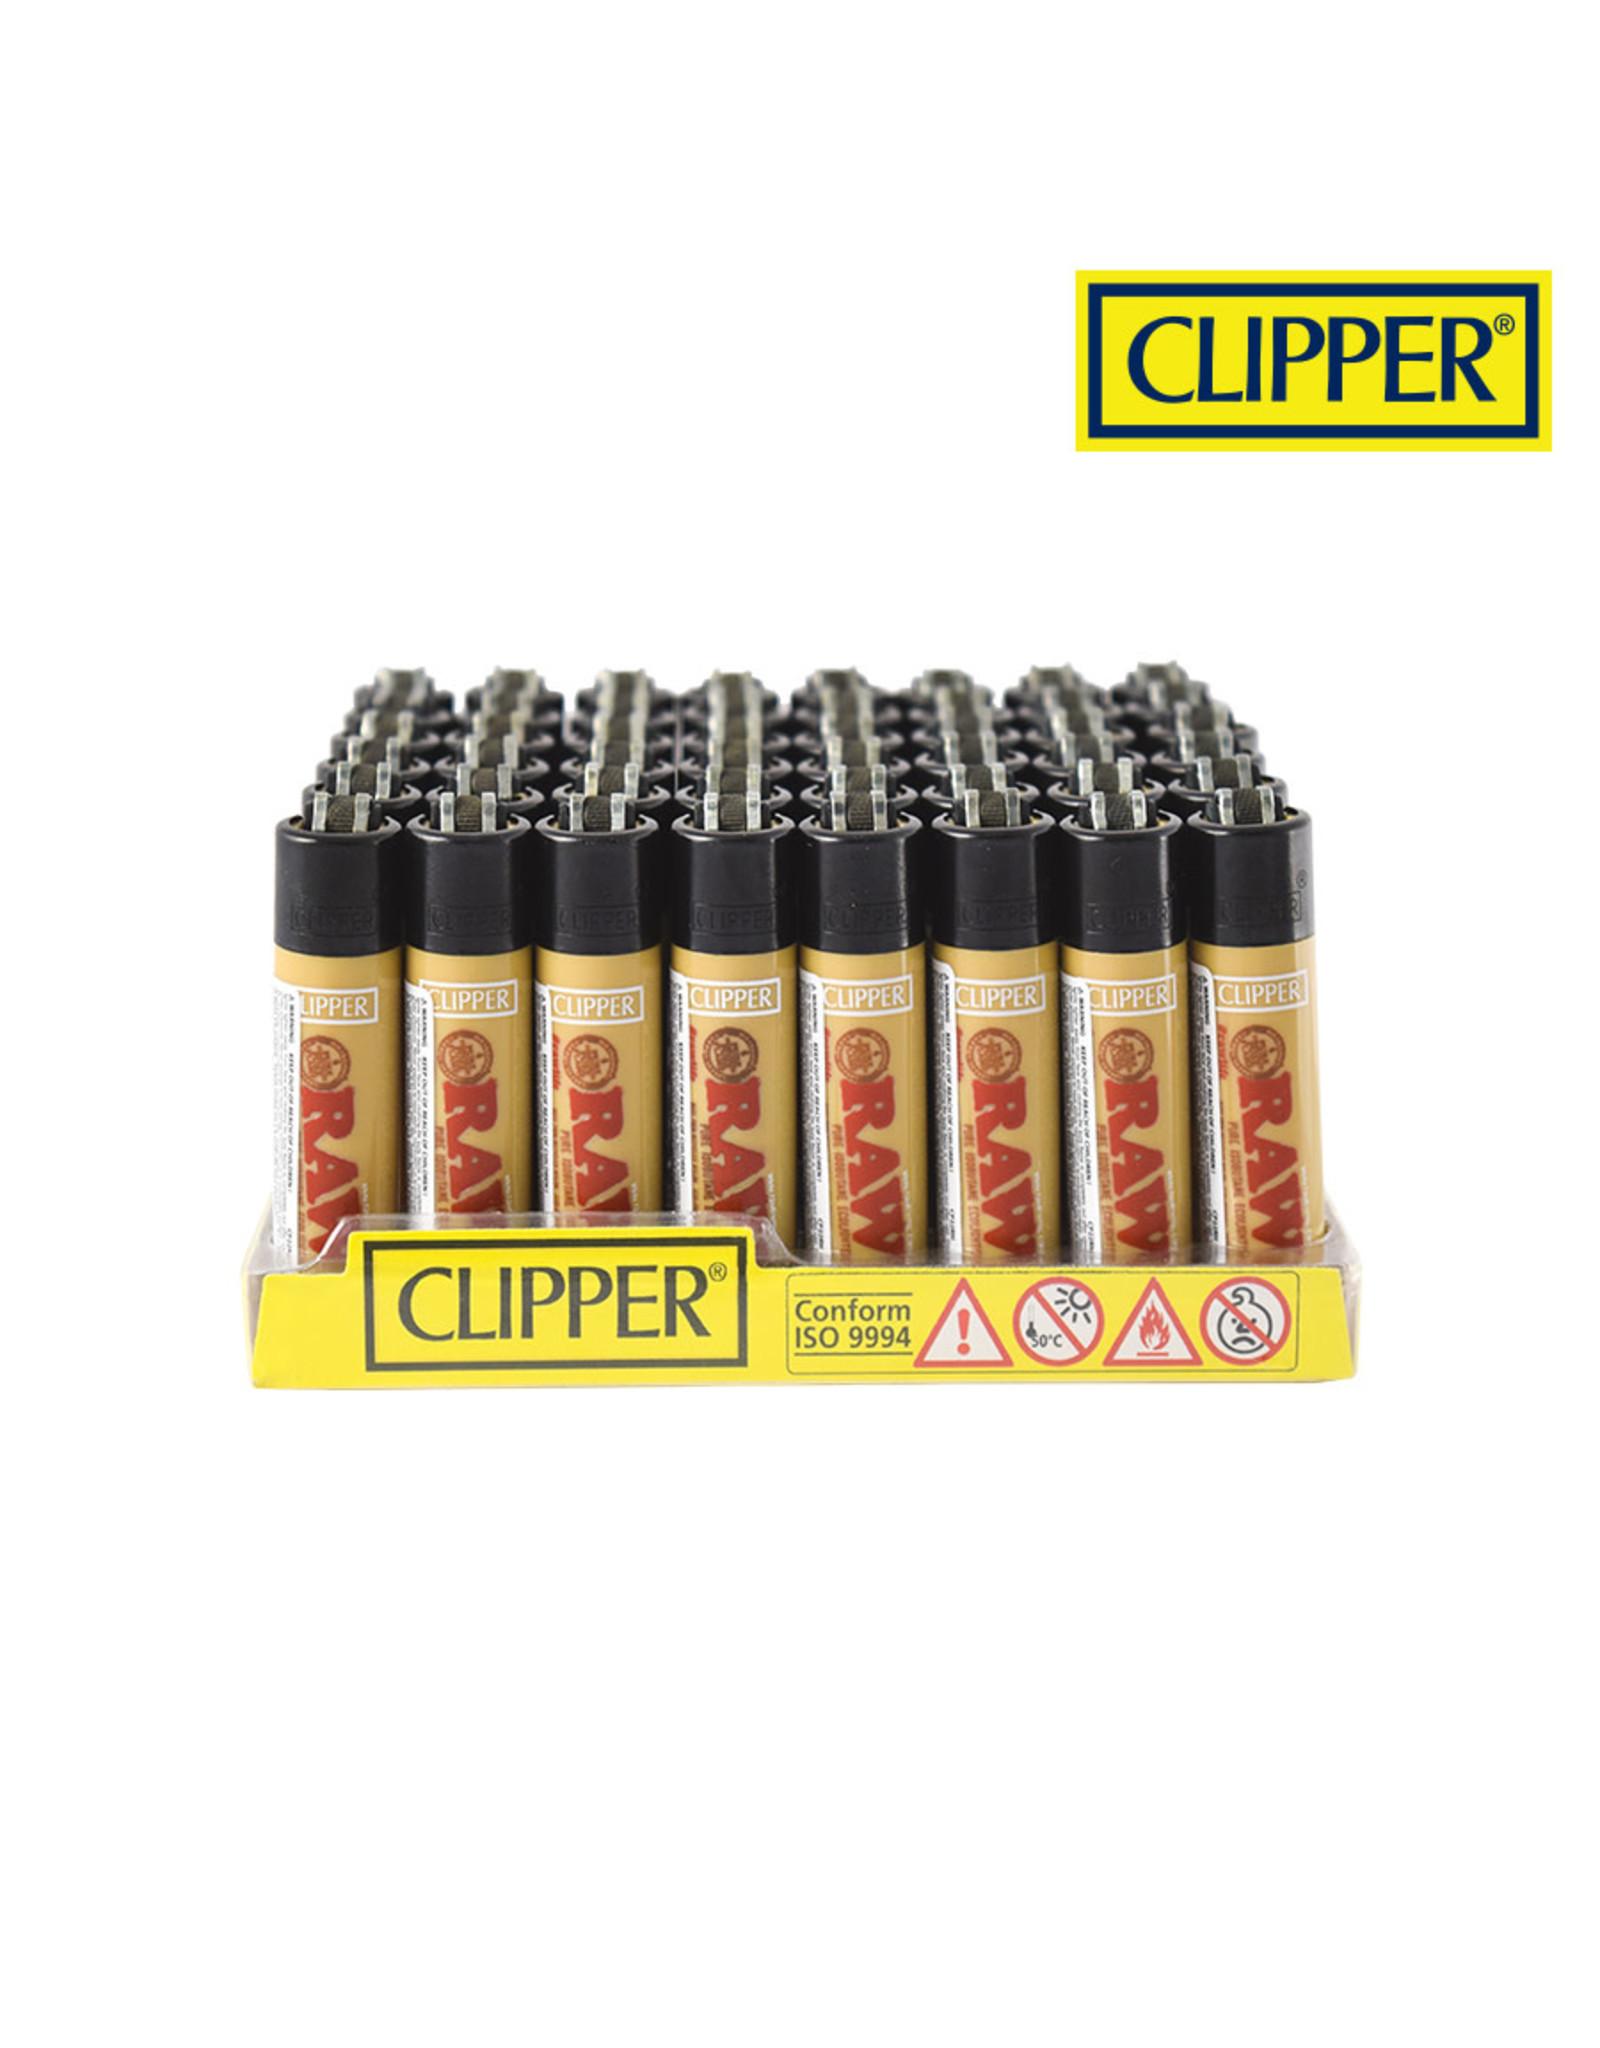 RAW CLIPPER RAW MICRI LIGHTER